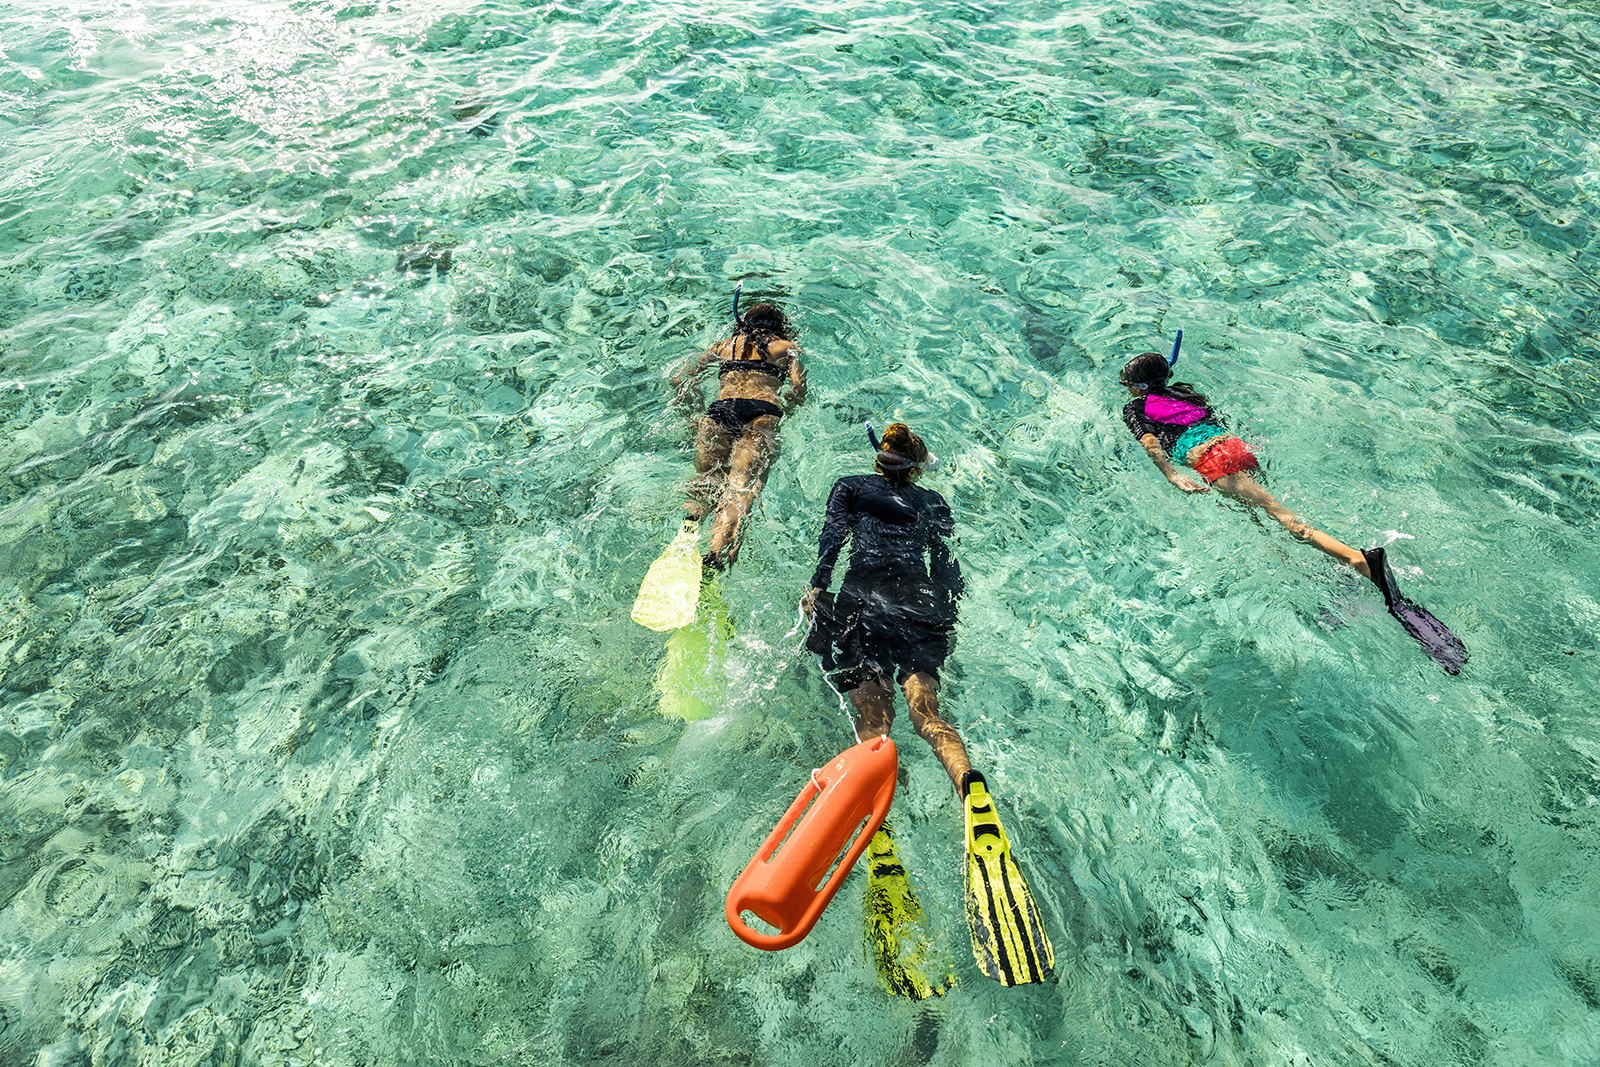 Snorkeling in the Maldives (Courtesy The Ritz-Carlton Maldives, Fari Islands)